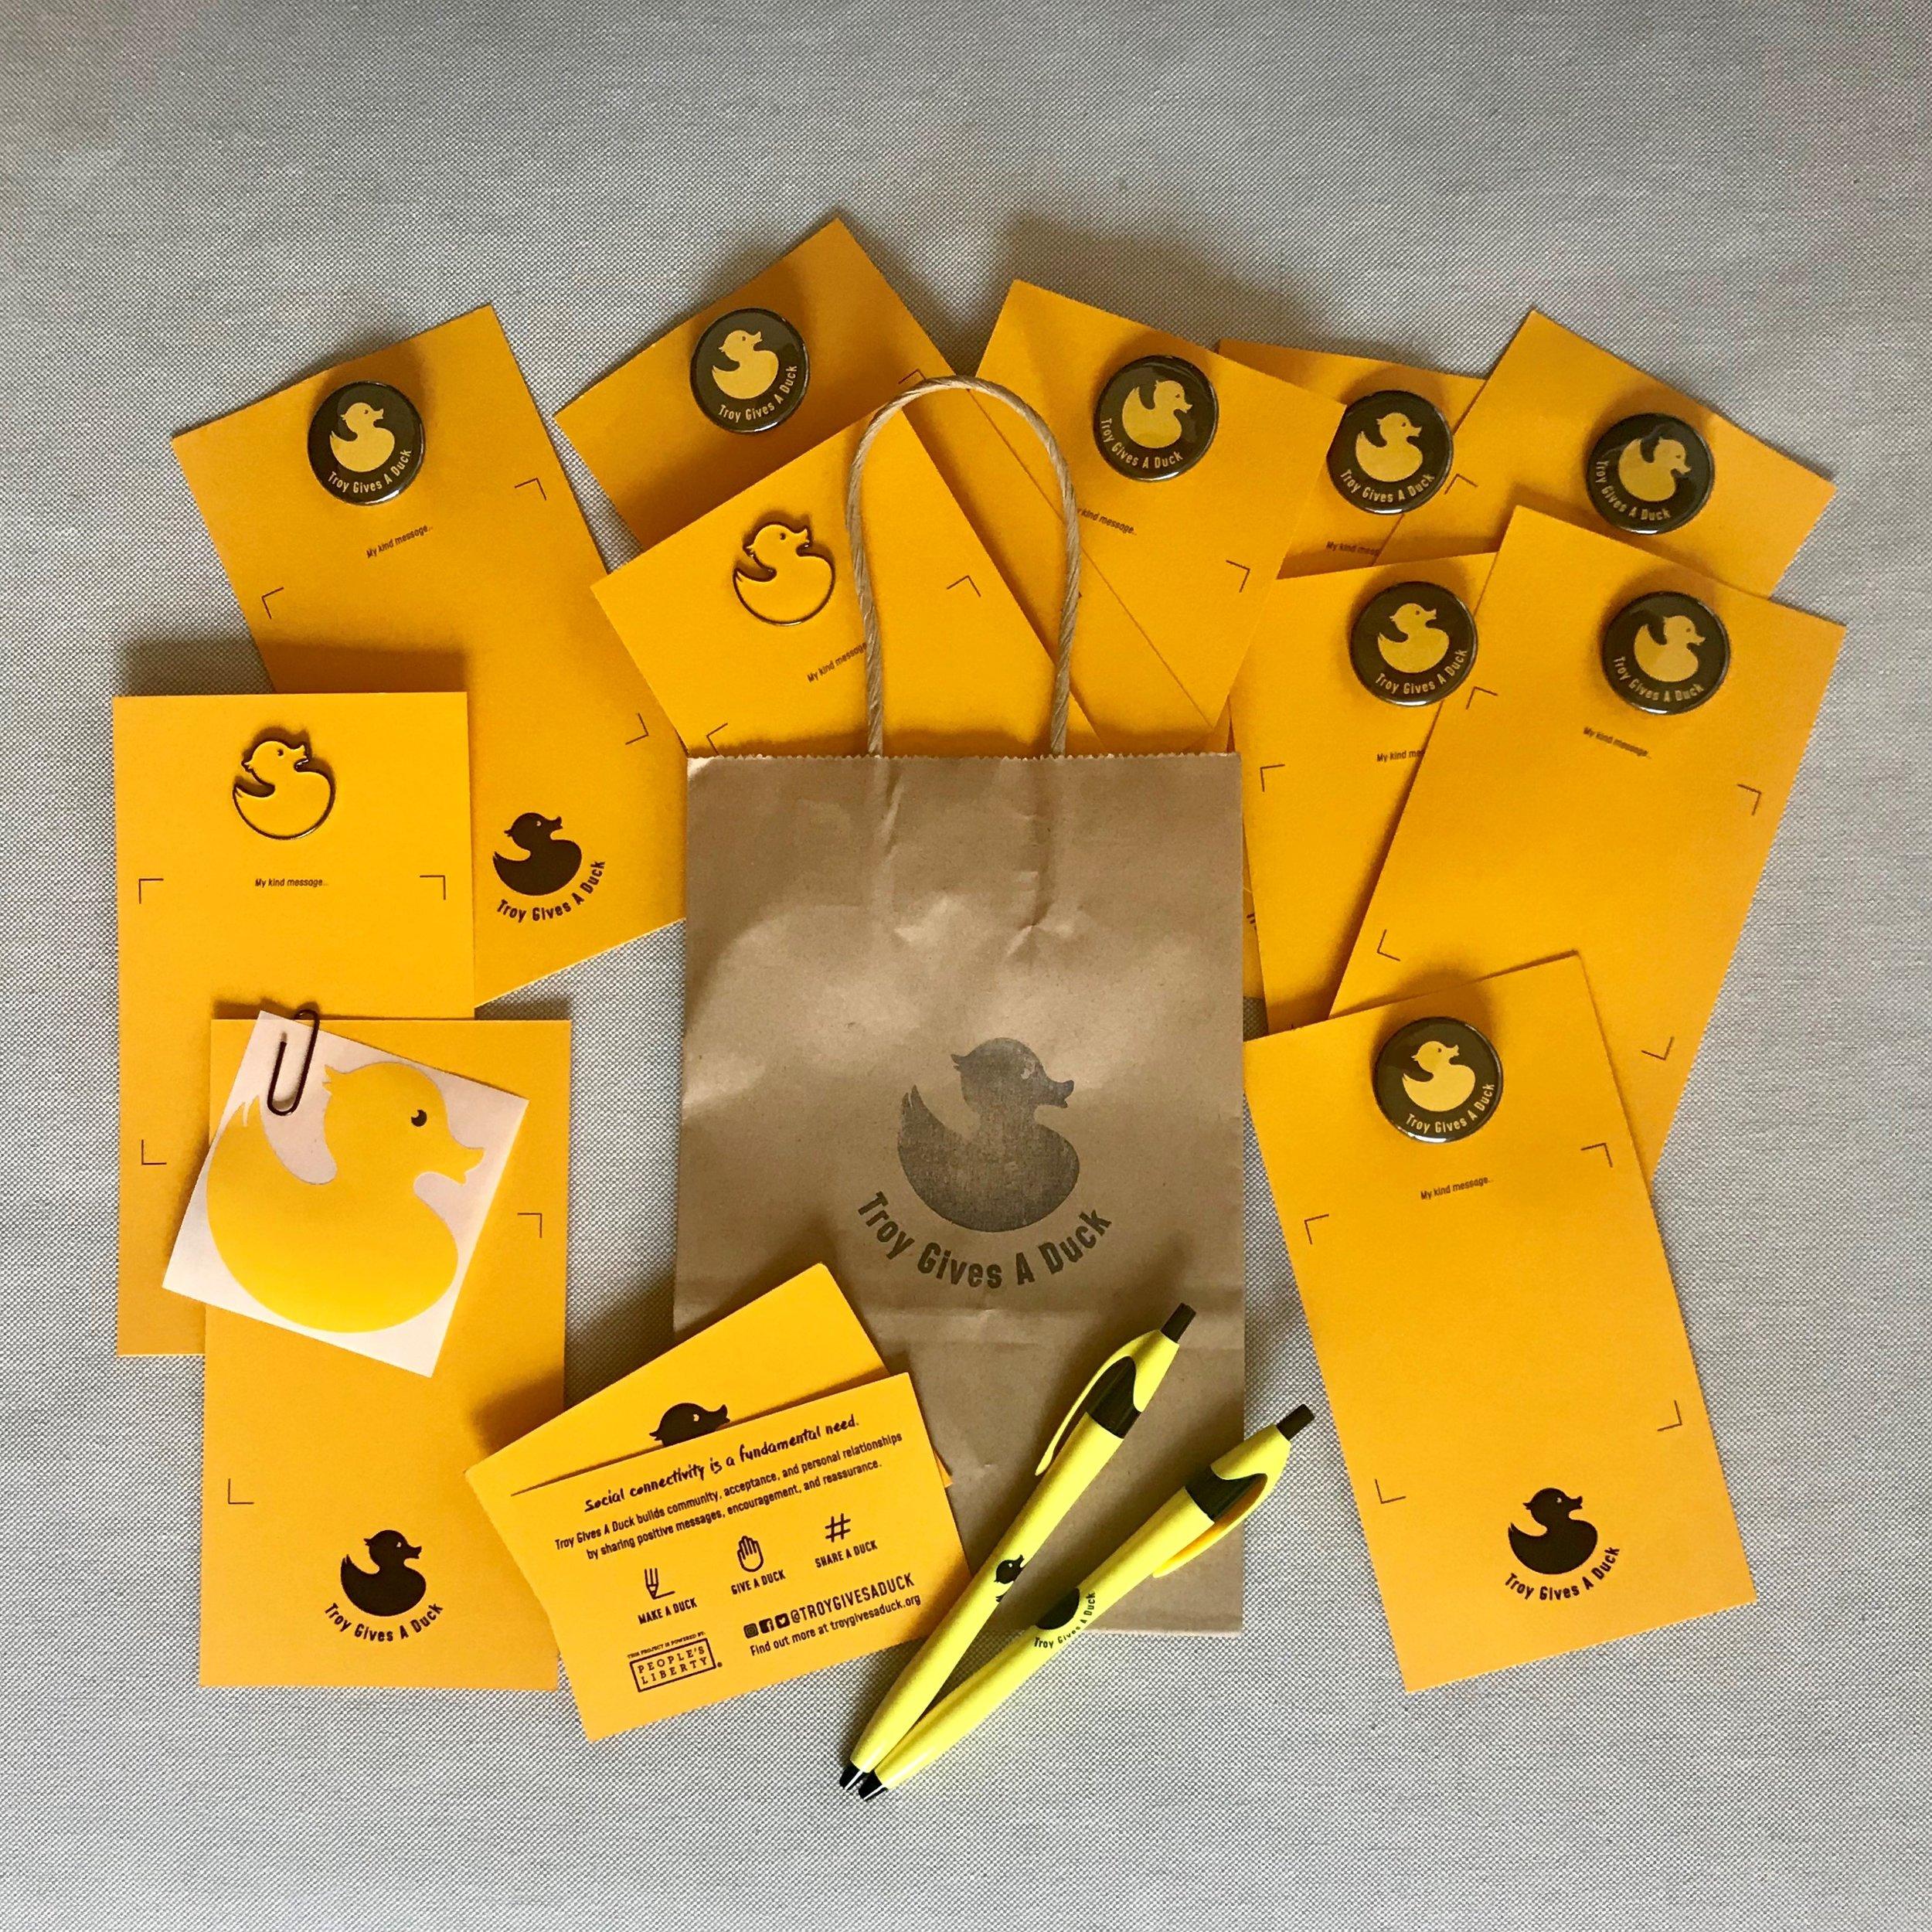 kindness kits.jpg